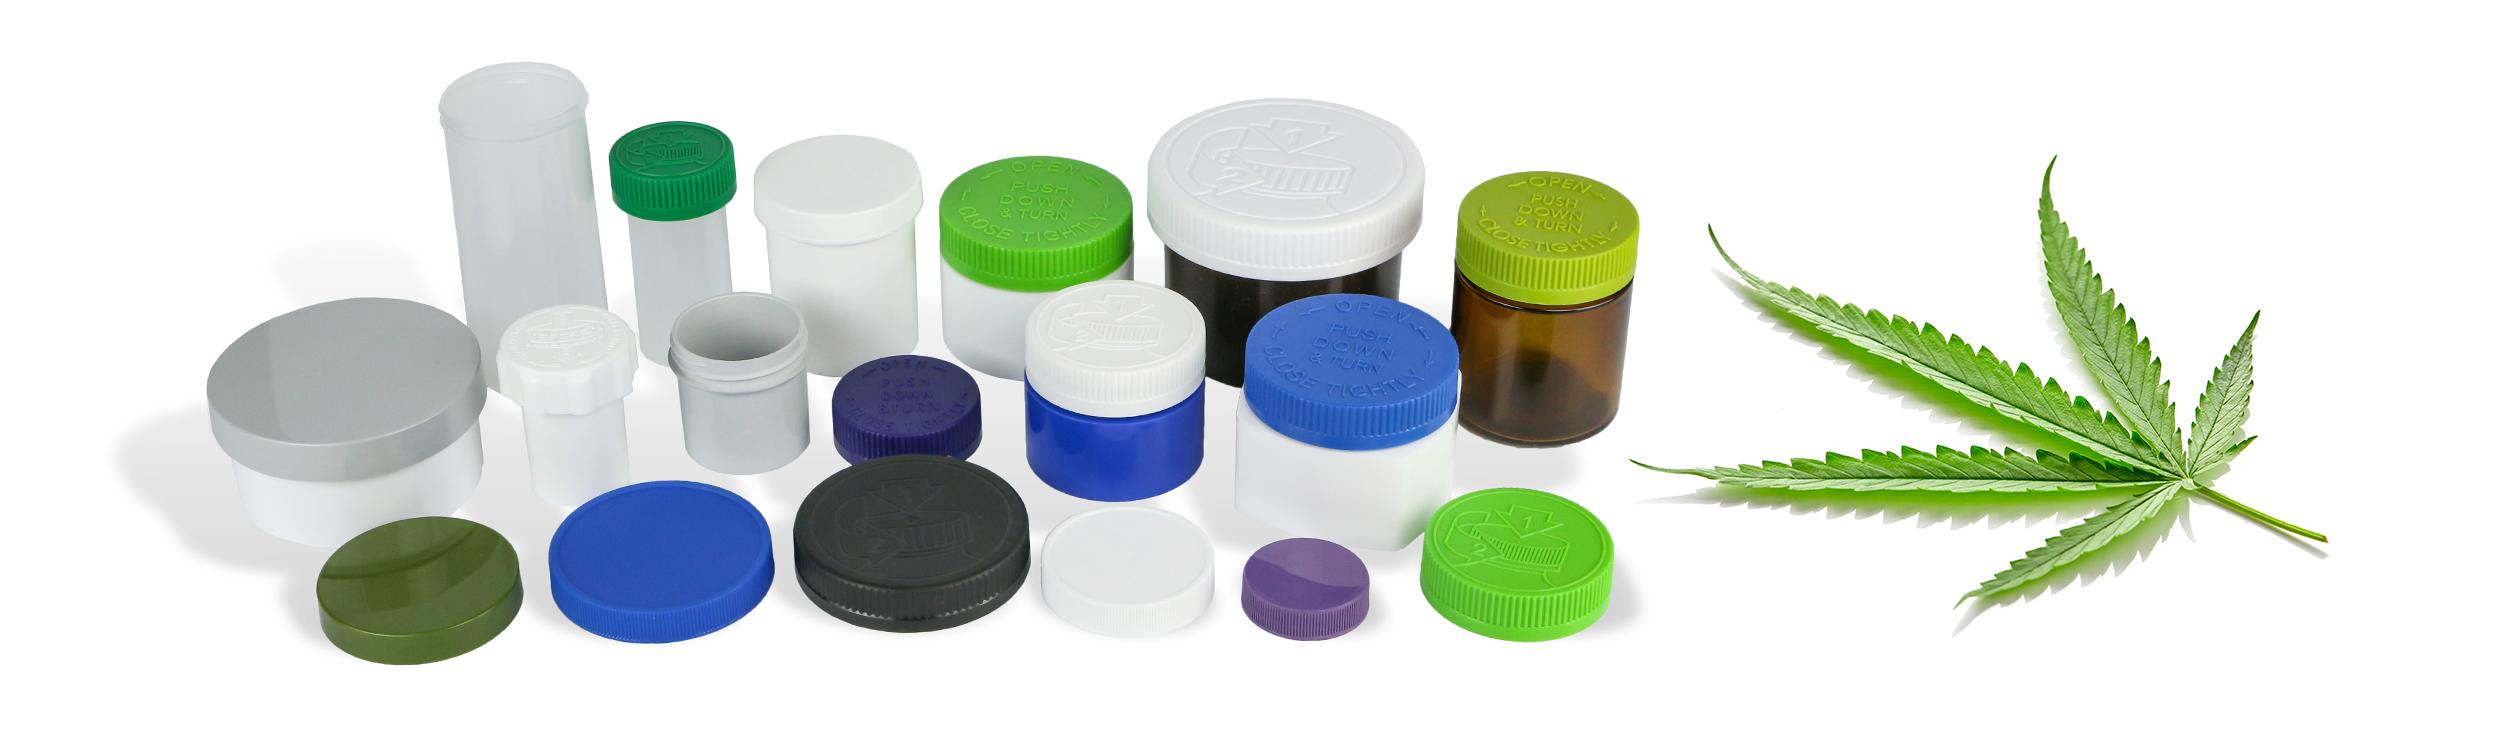 Mold-Rite Cannabis Packaging